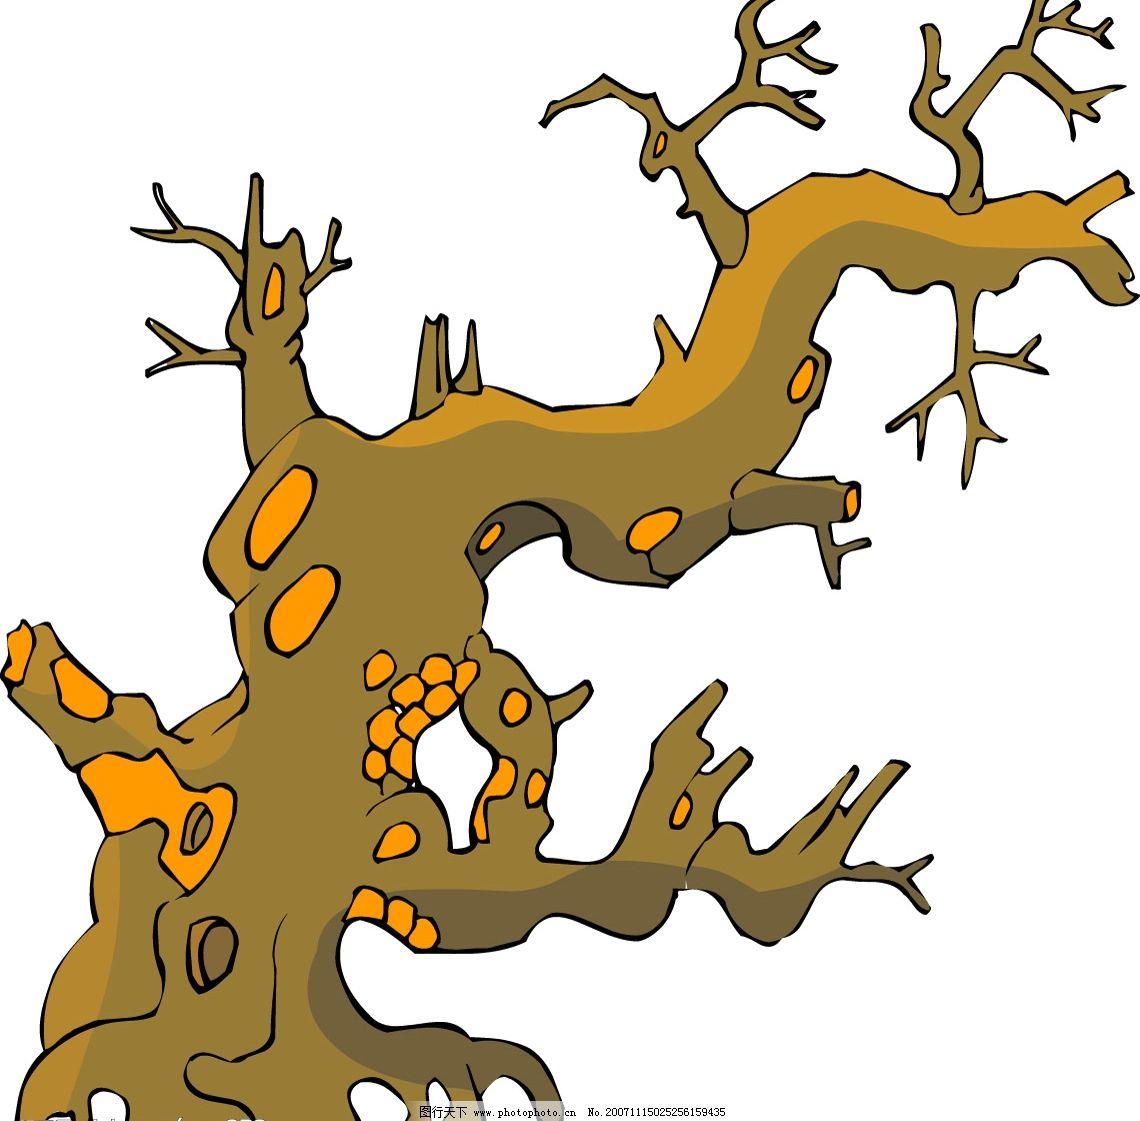 传统树木40 传统树木 生物世界 树木树叶 国画树木矢量素材之传统树一